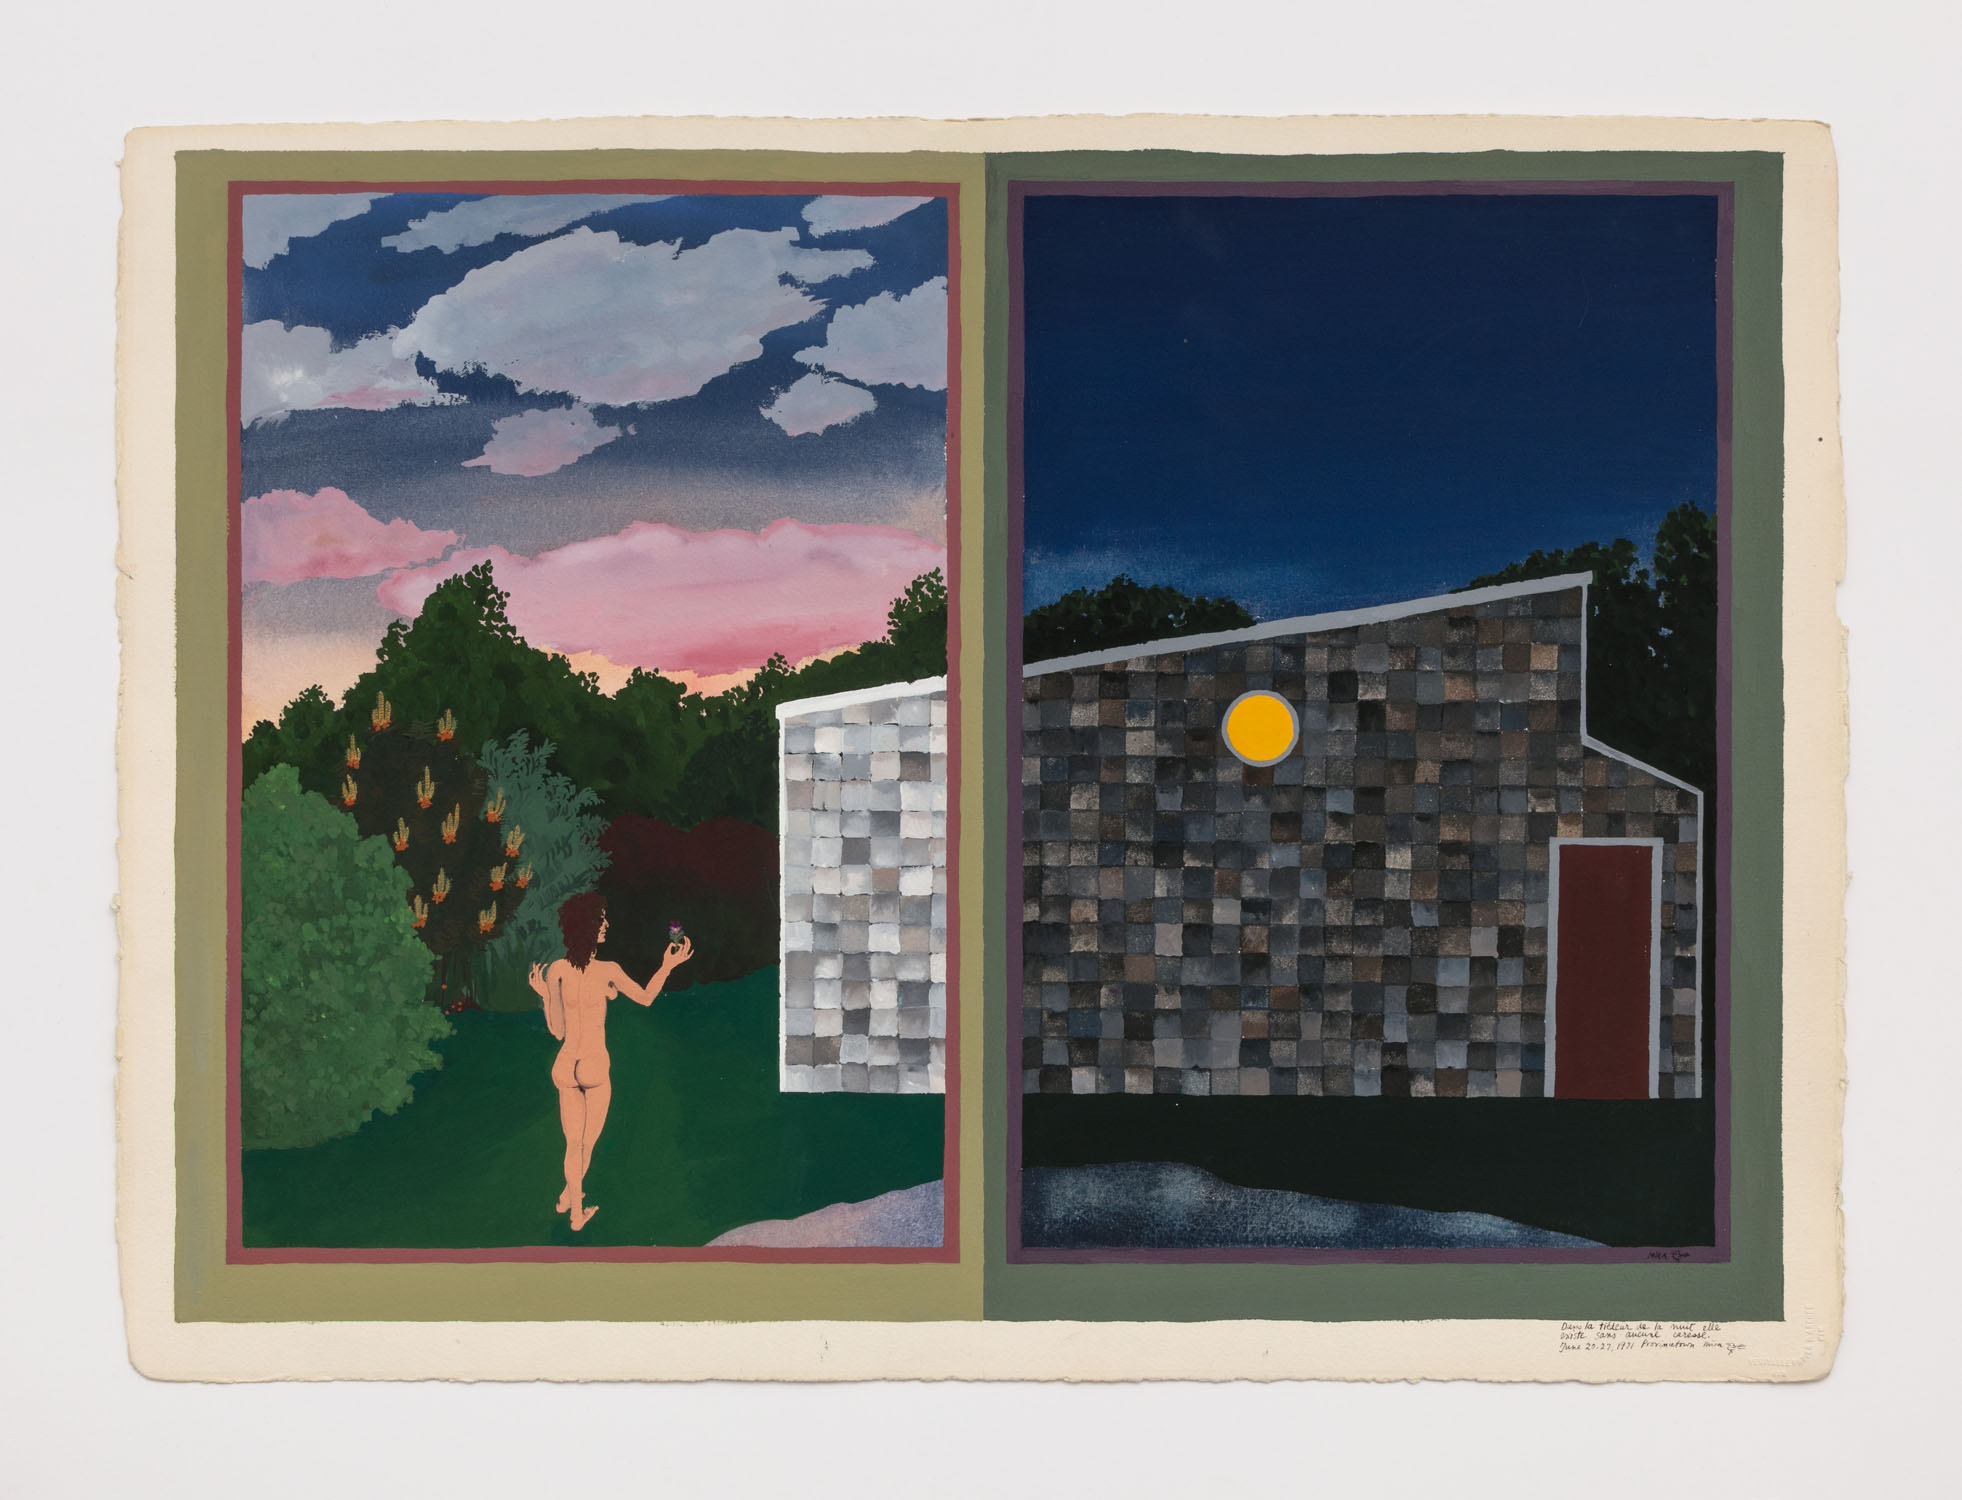 Mira Schor   Dans la tiedeur de la nuit elle existe sans aucune caresse , June 20-27, 1971  Gouache on paper  22.25 x 30.5 inches